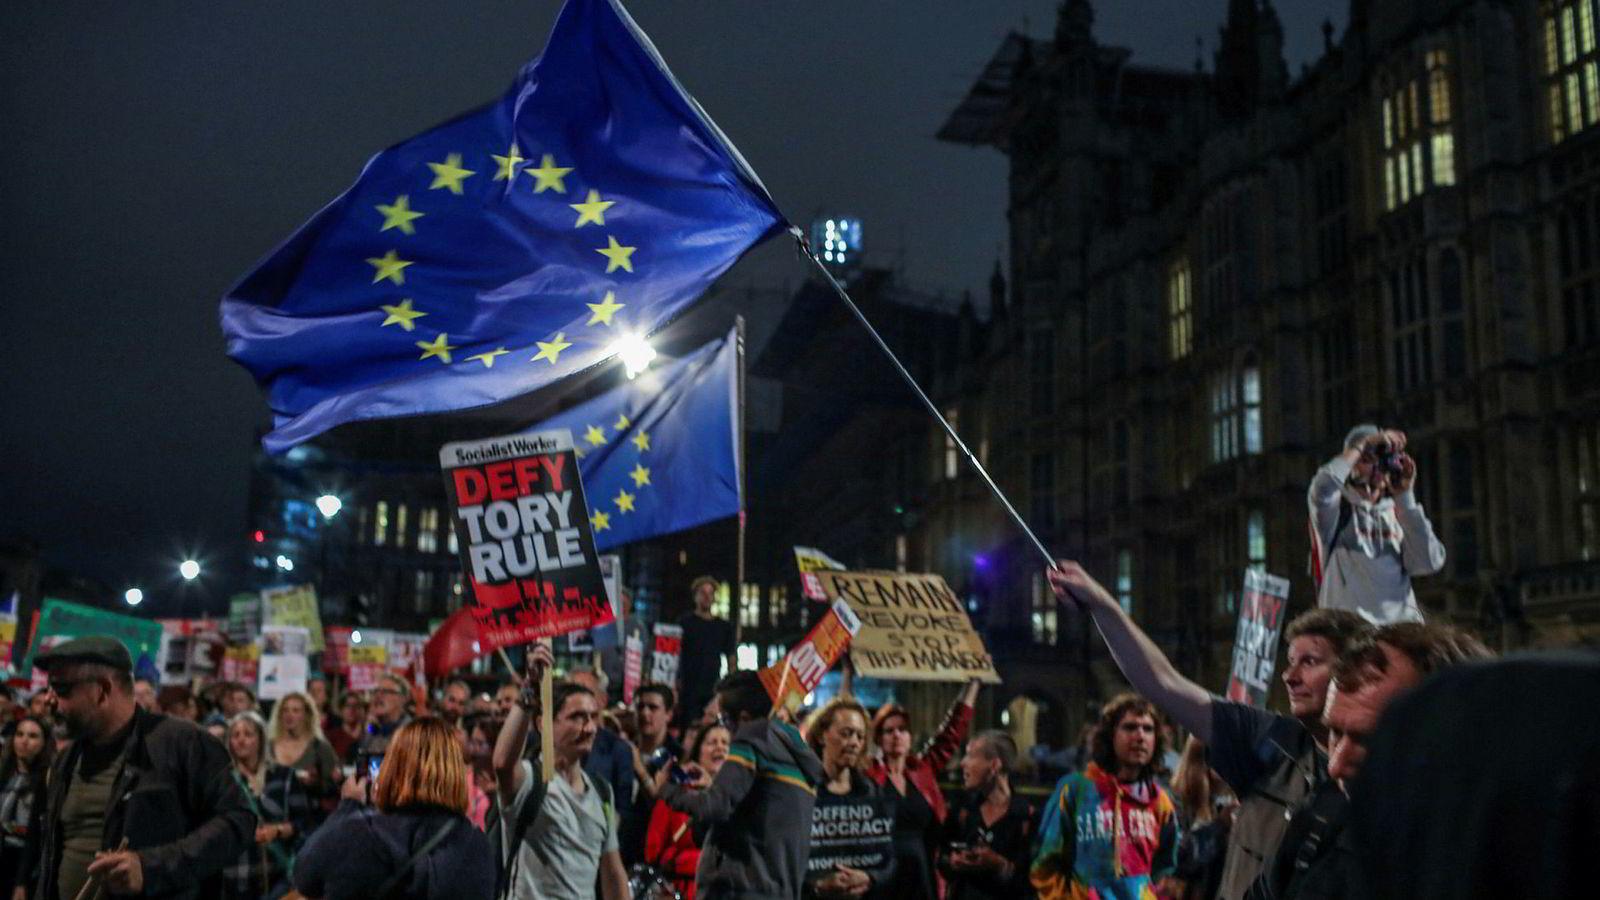 Utenfor Parlamentet var det tirsdag kveld demonstrasjon mot regjeringen og mot brexit. Onsdag skal representantene debattere et forslag om enda en utsettelse av EU-utmeldingen.